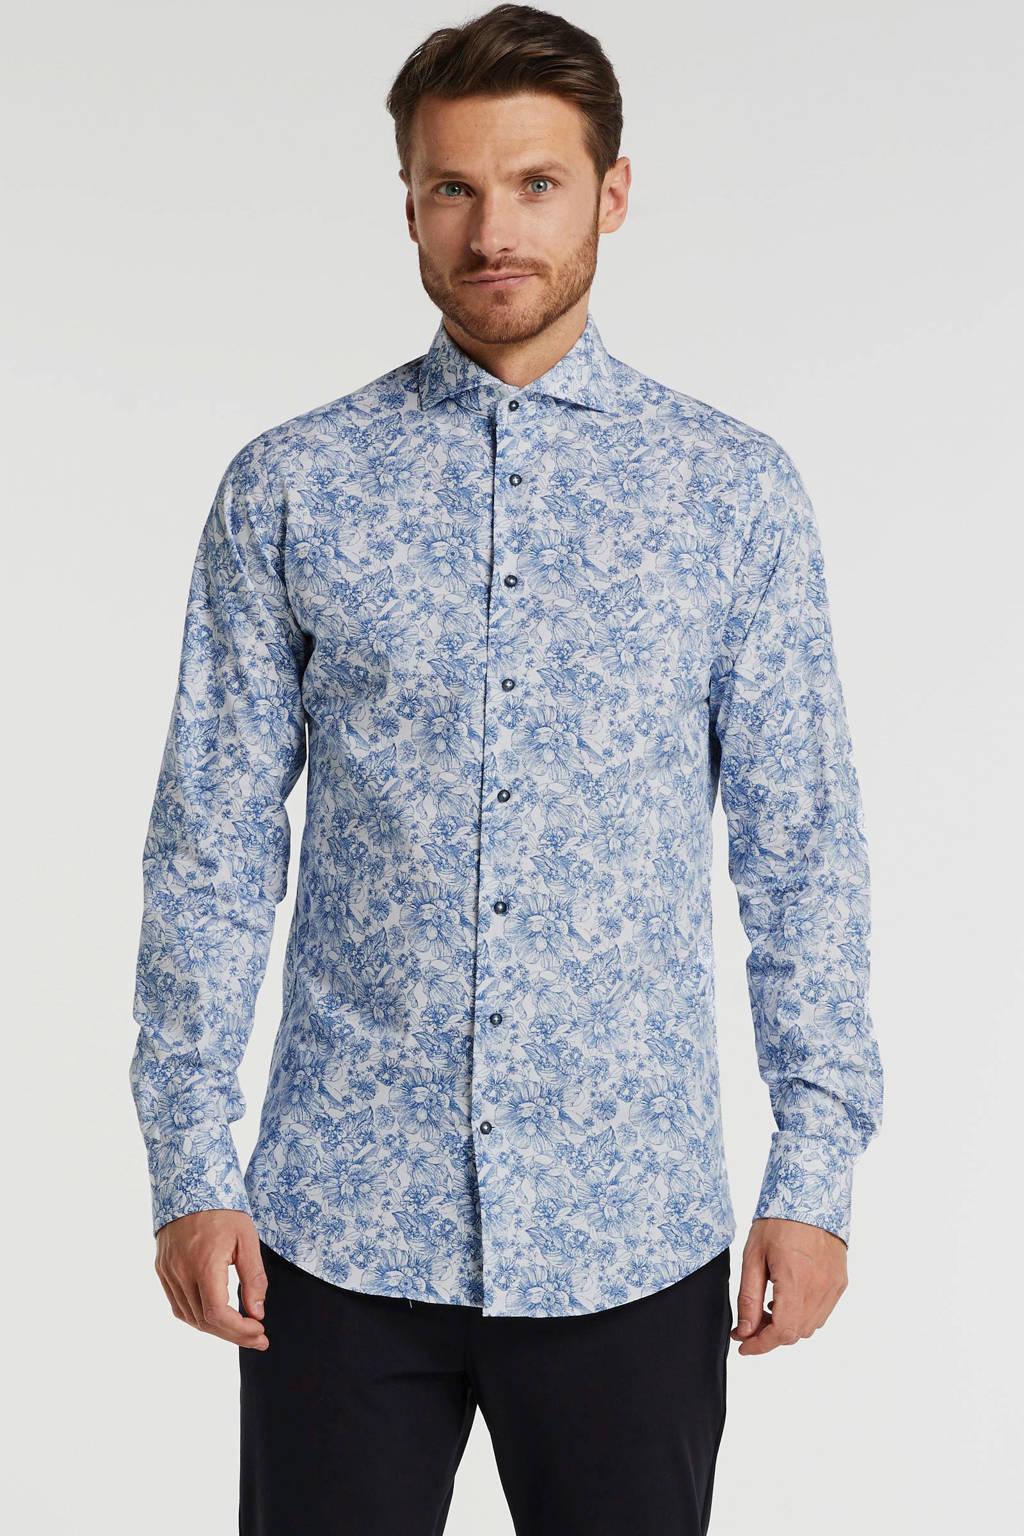 Michaelis gebloemd slim fit overhemd mouwlengte 7 blauw, Blauw